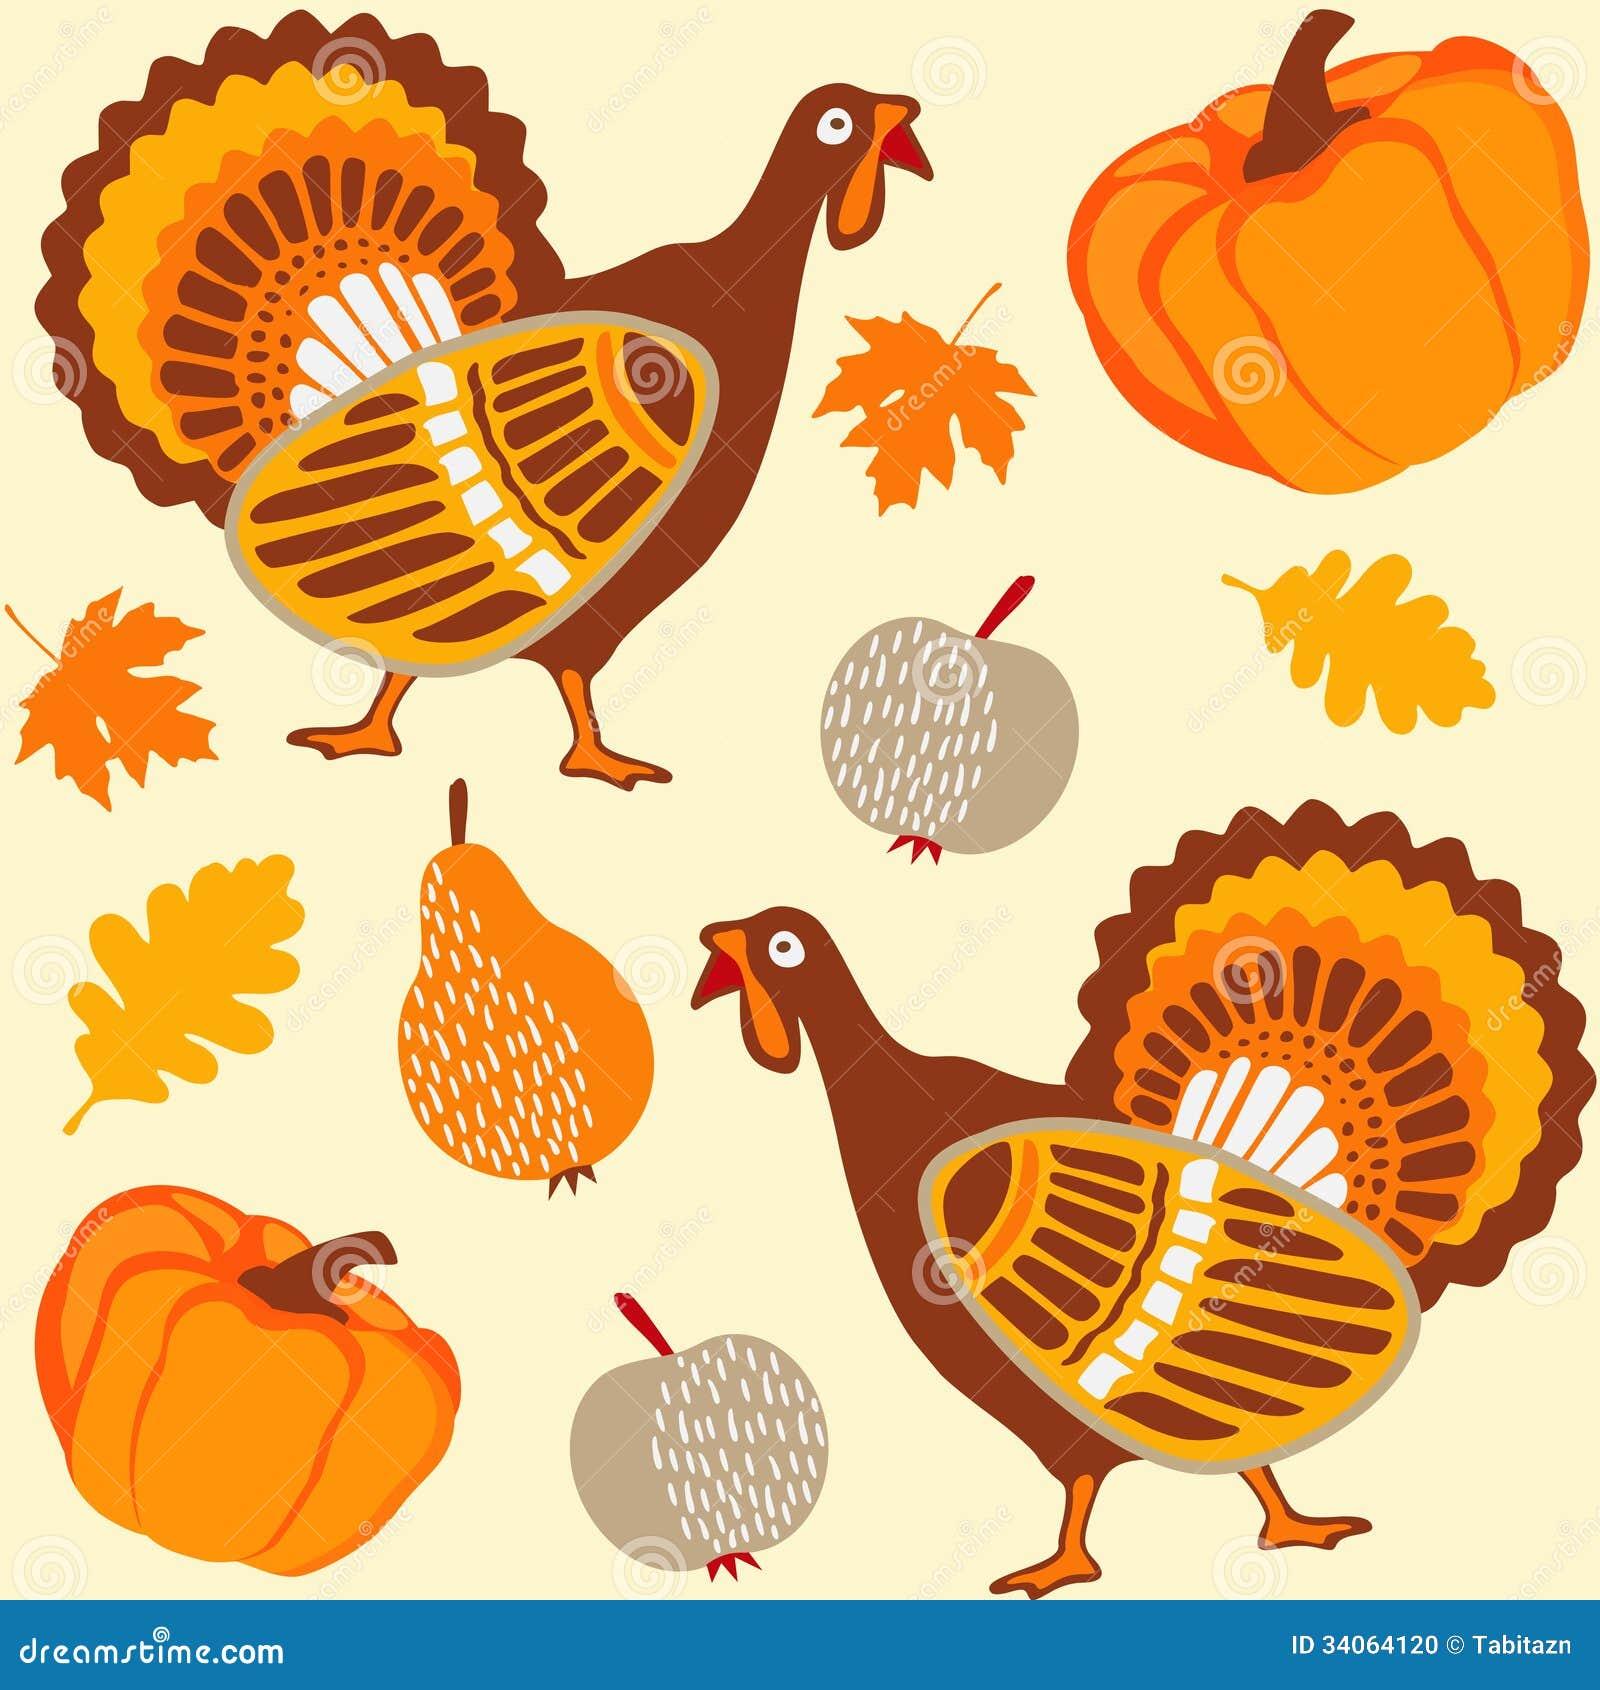 Autumn thanksgiving se...